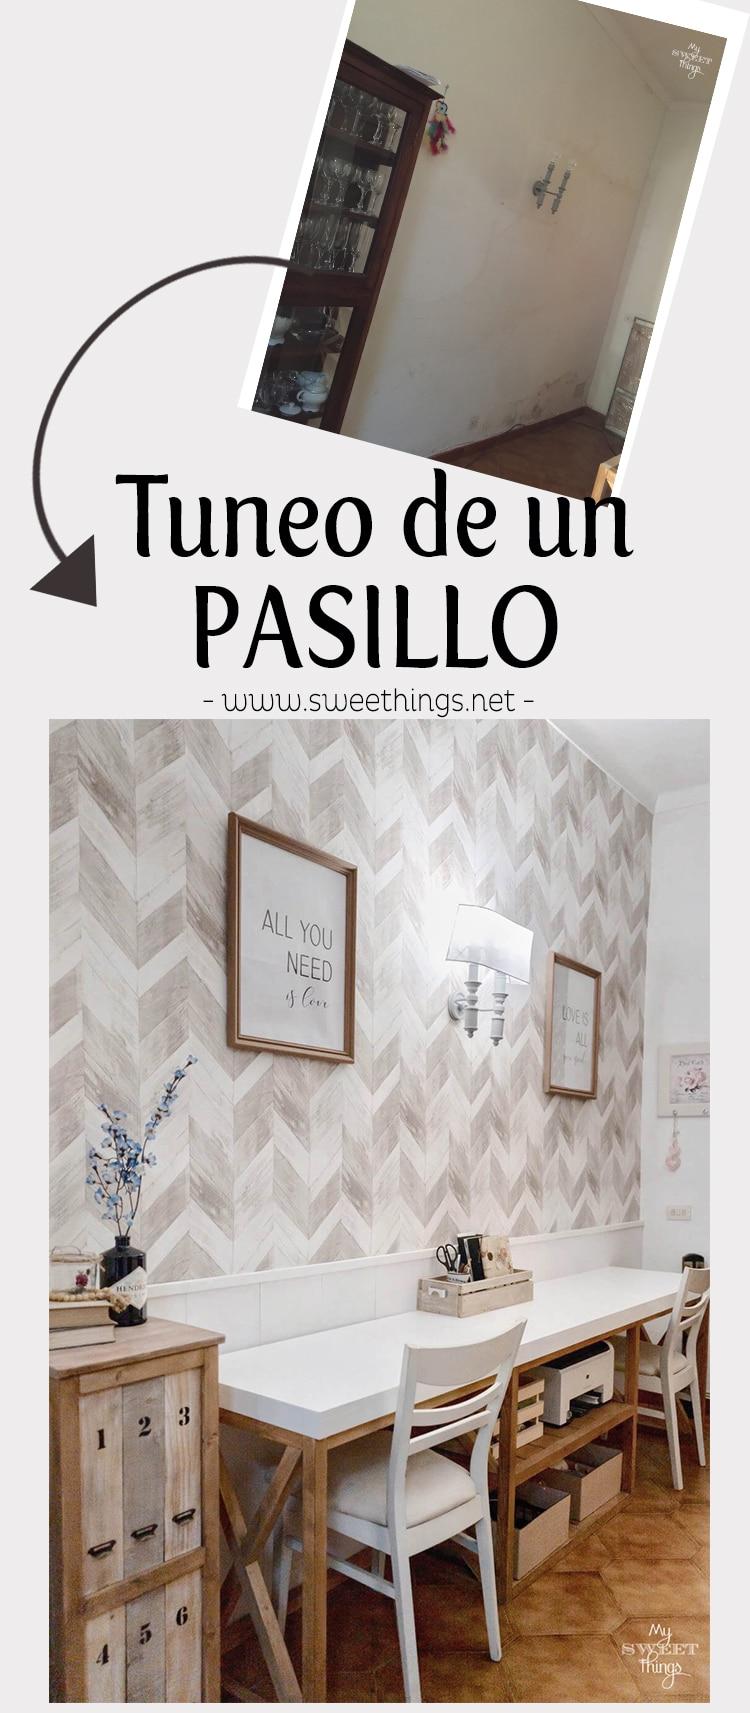 Tuneo de un pasillo · Via www.sweethings.net